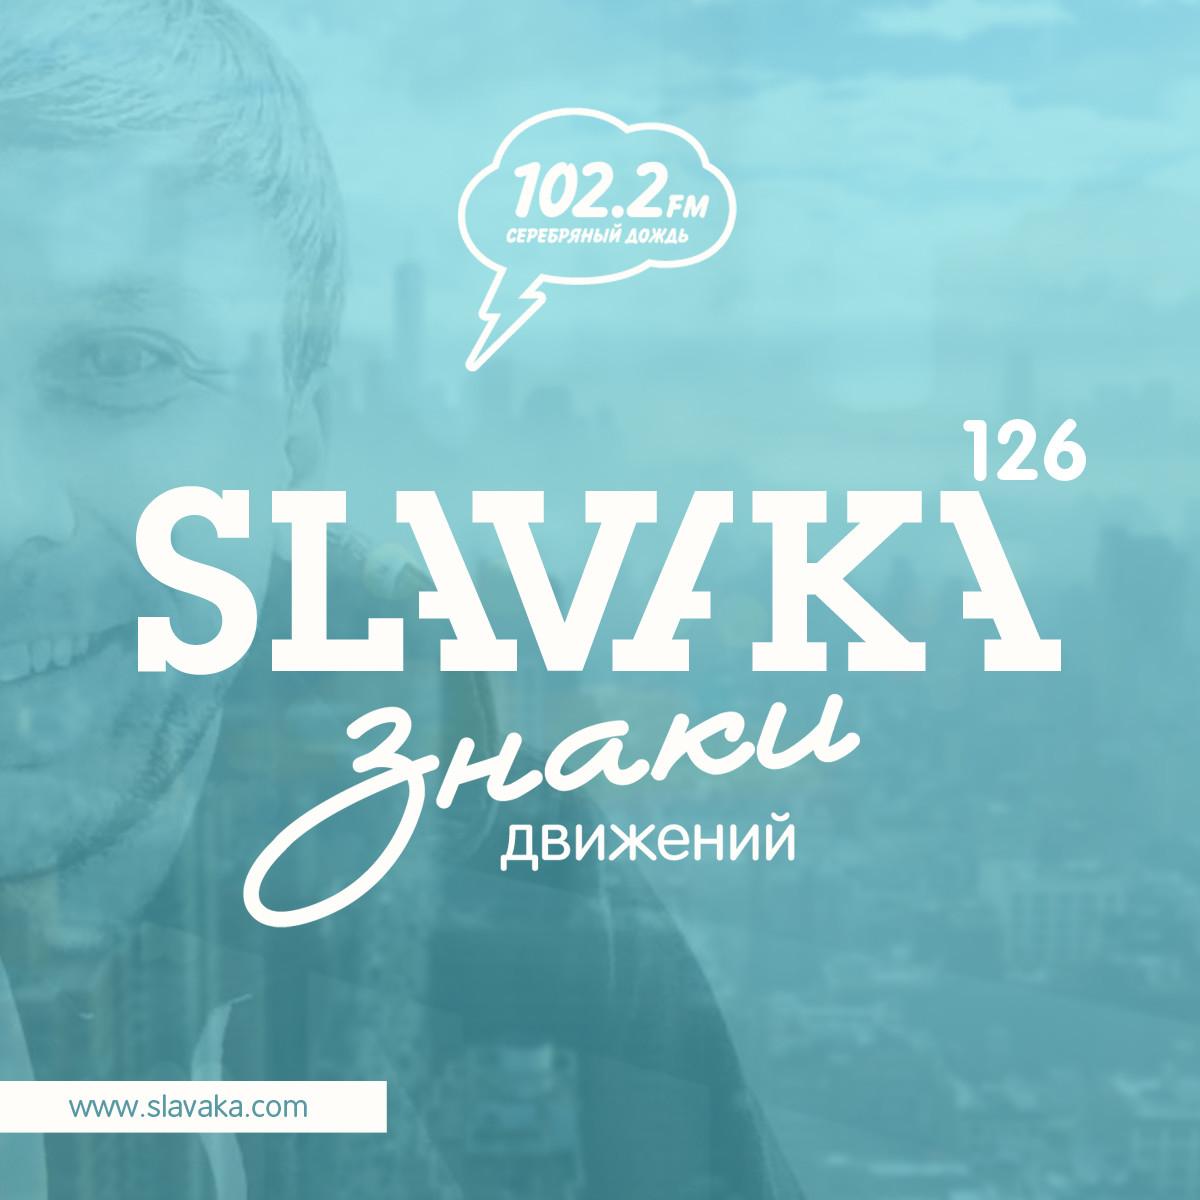 SLAVAKA